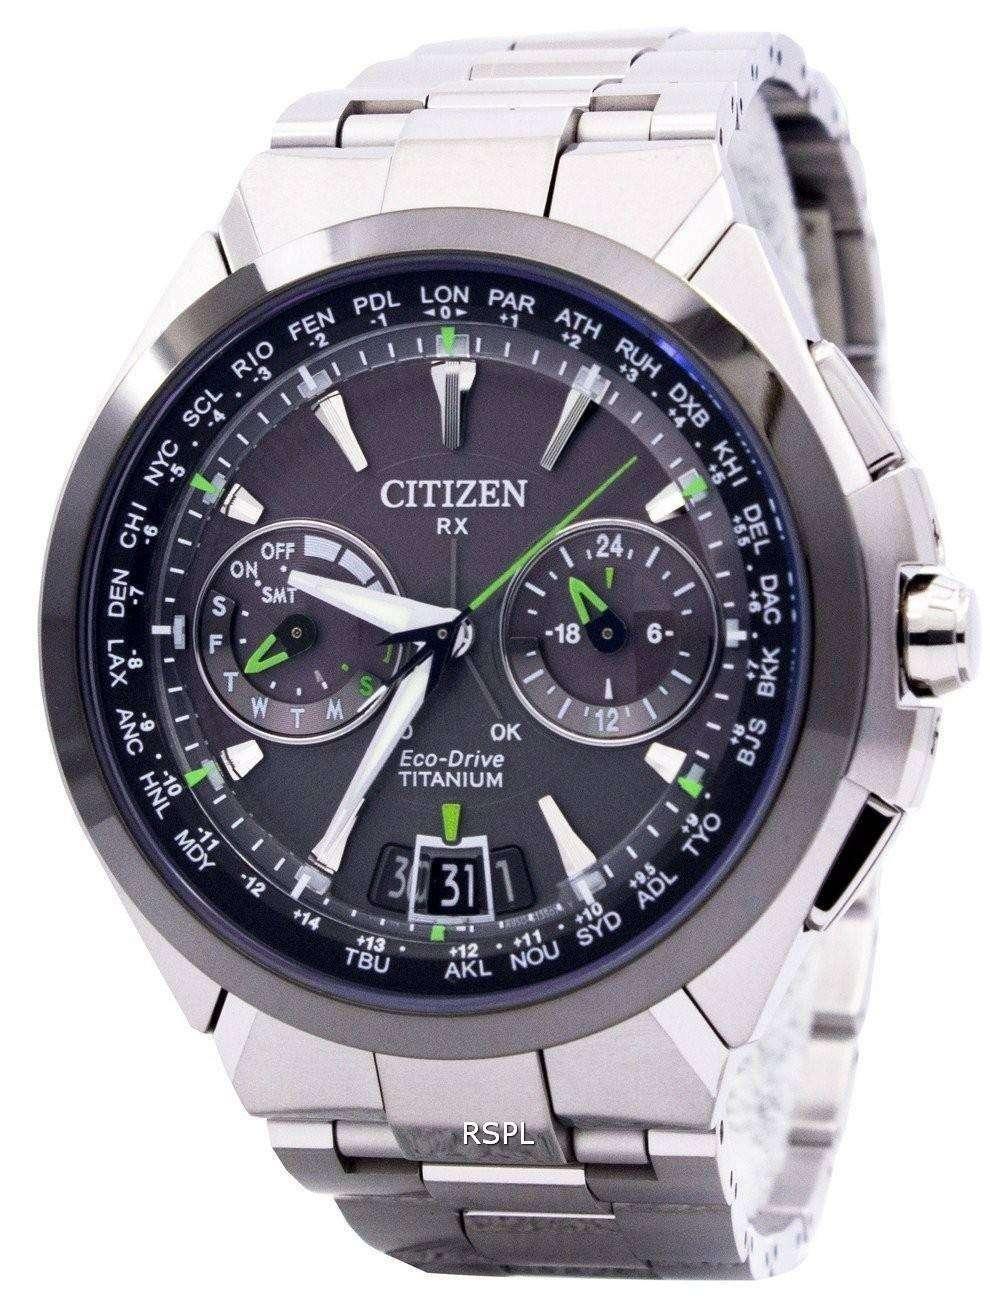 24639057938 Citizen Eco-Drive Attesa Titanium Satellite Wave Air GPS 100M CC1086-50E  Mens Watch